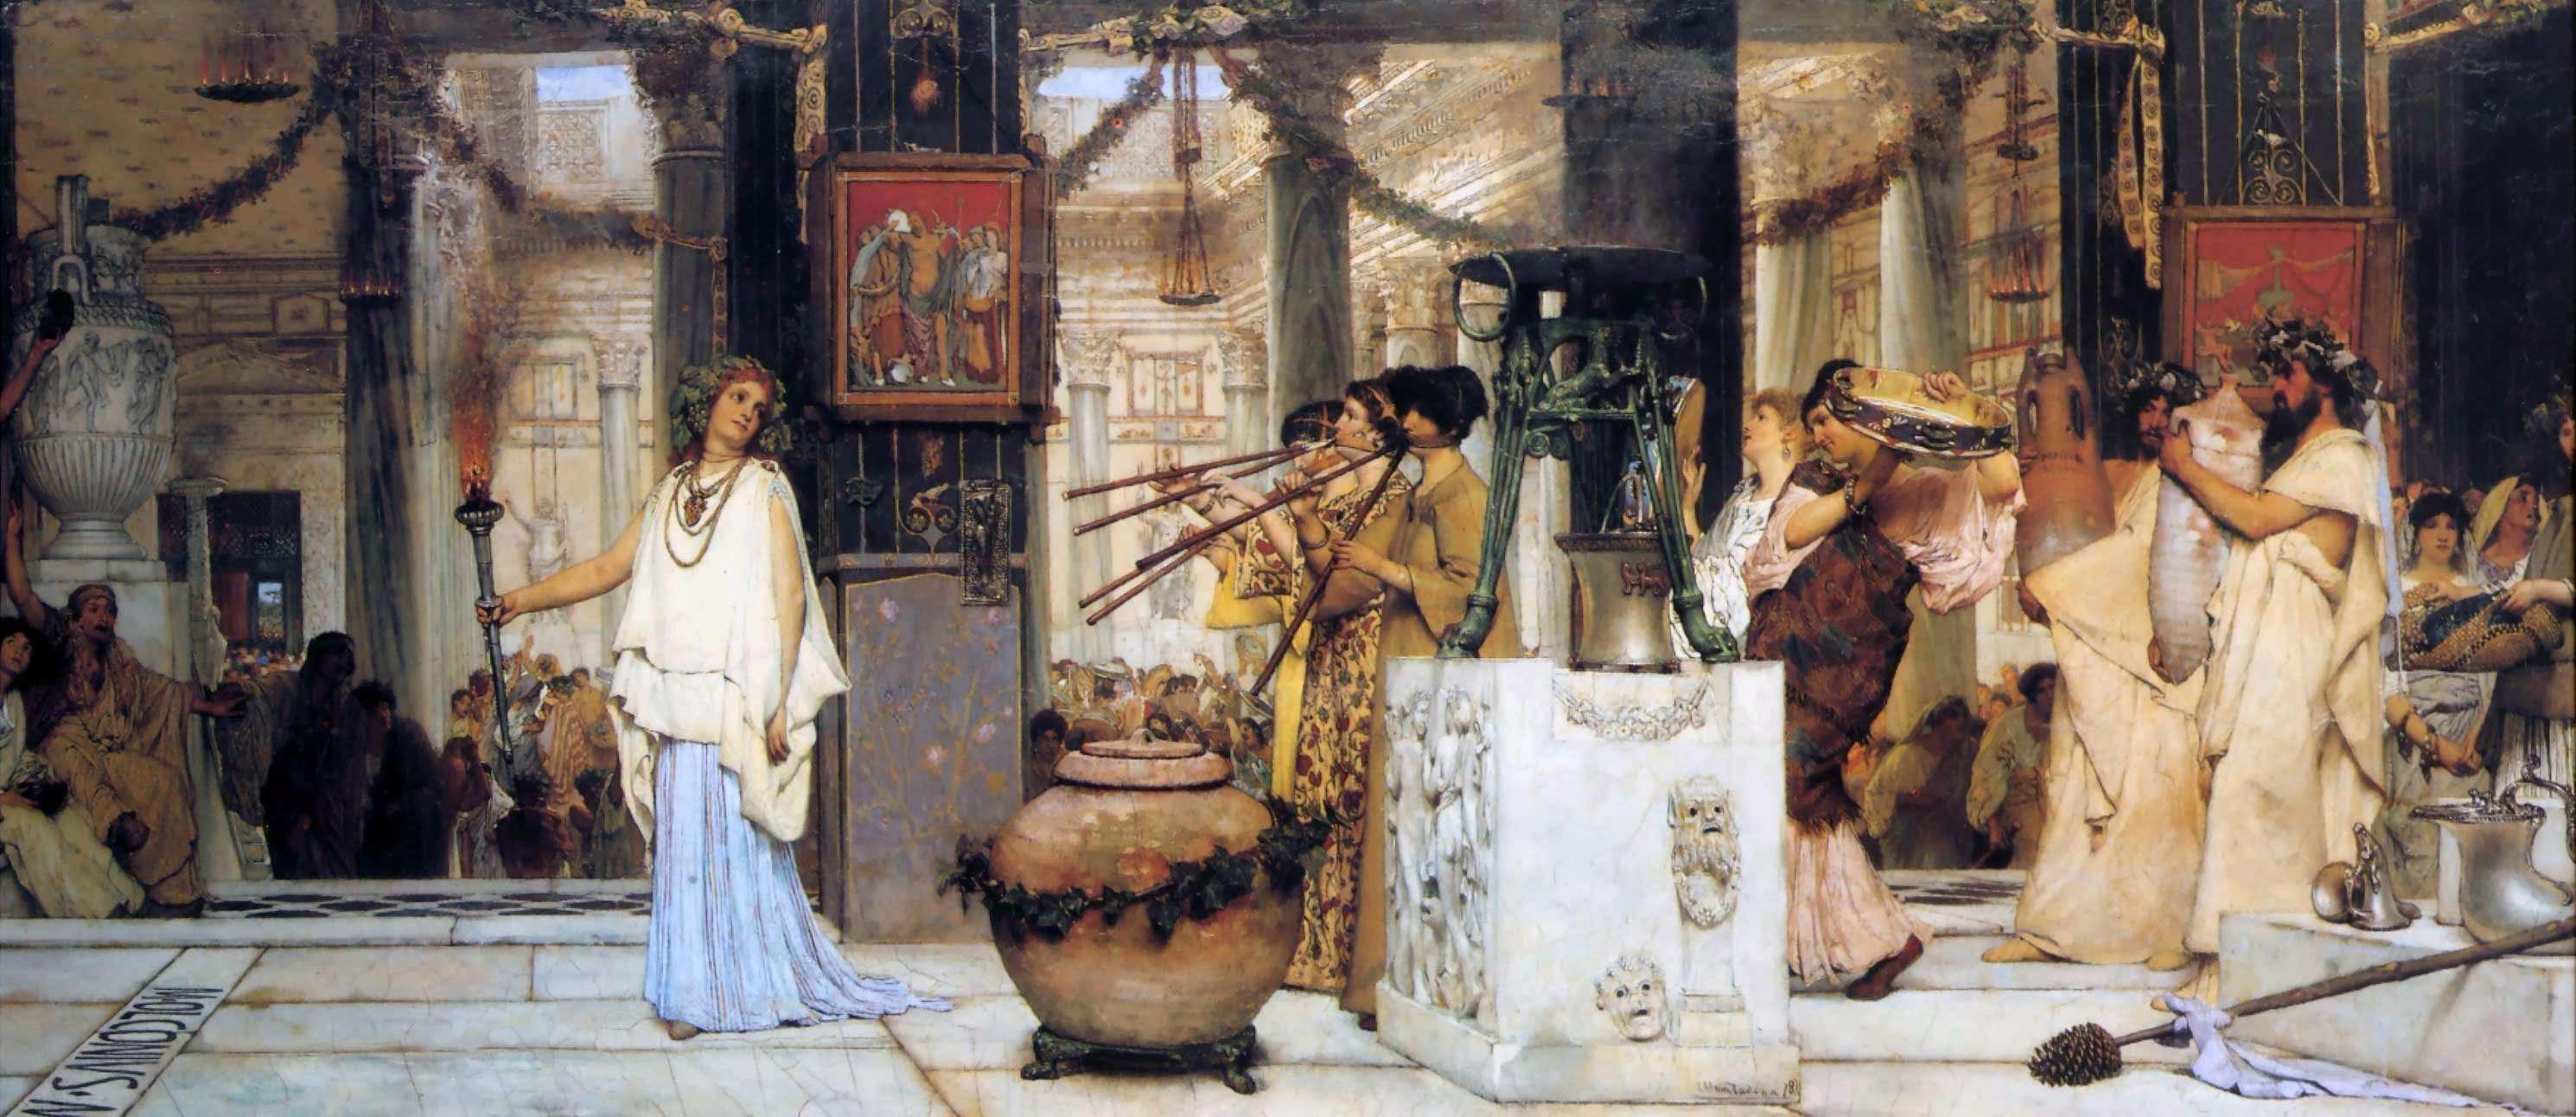 Suonatori nell'antica Roma